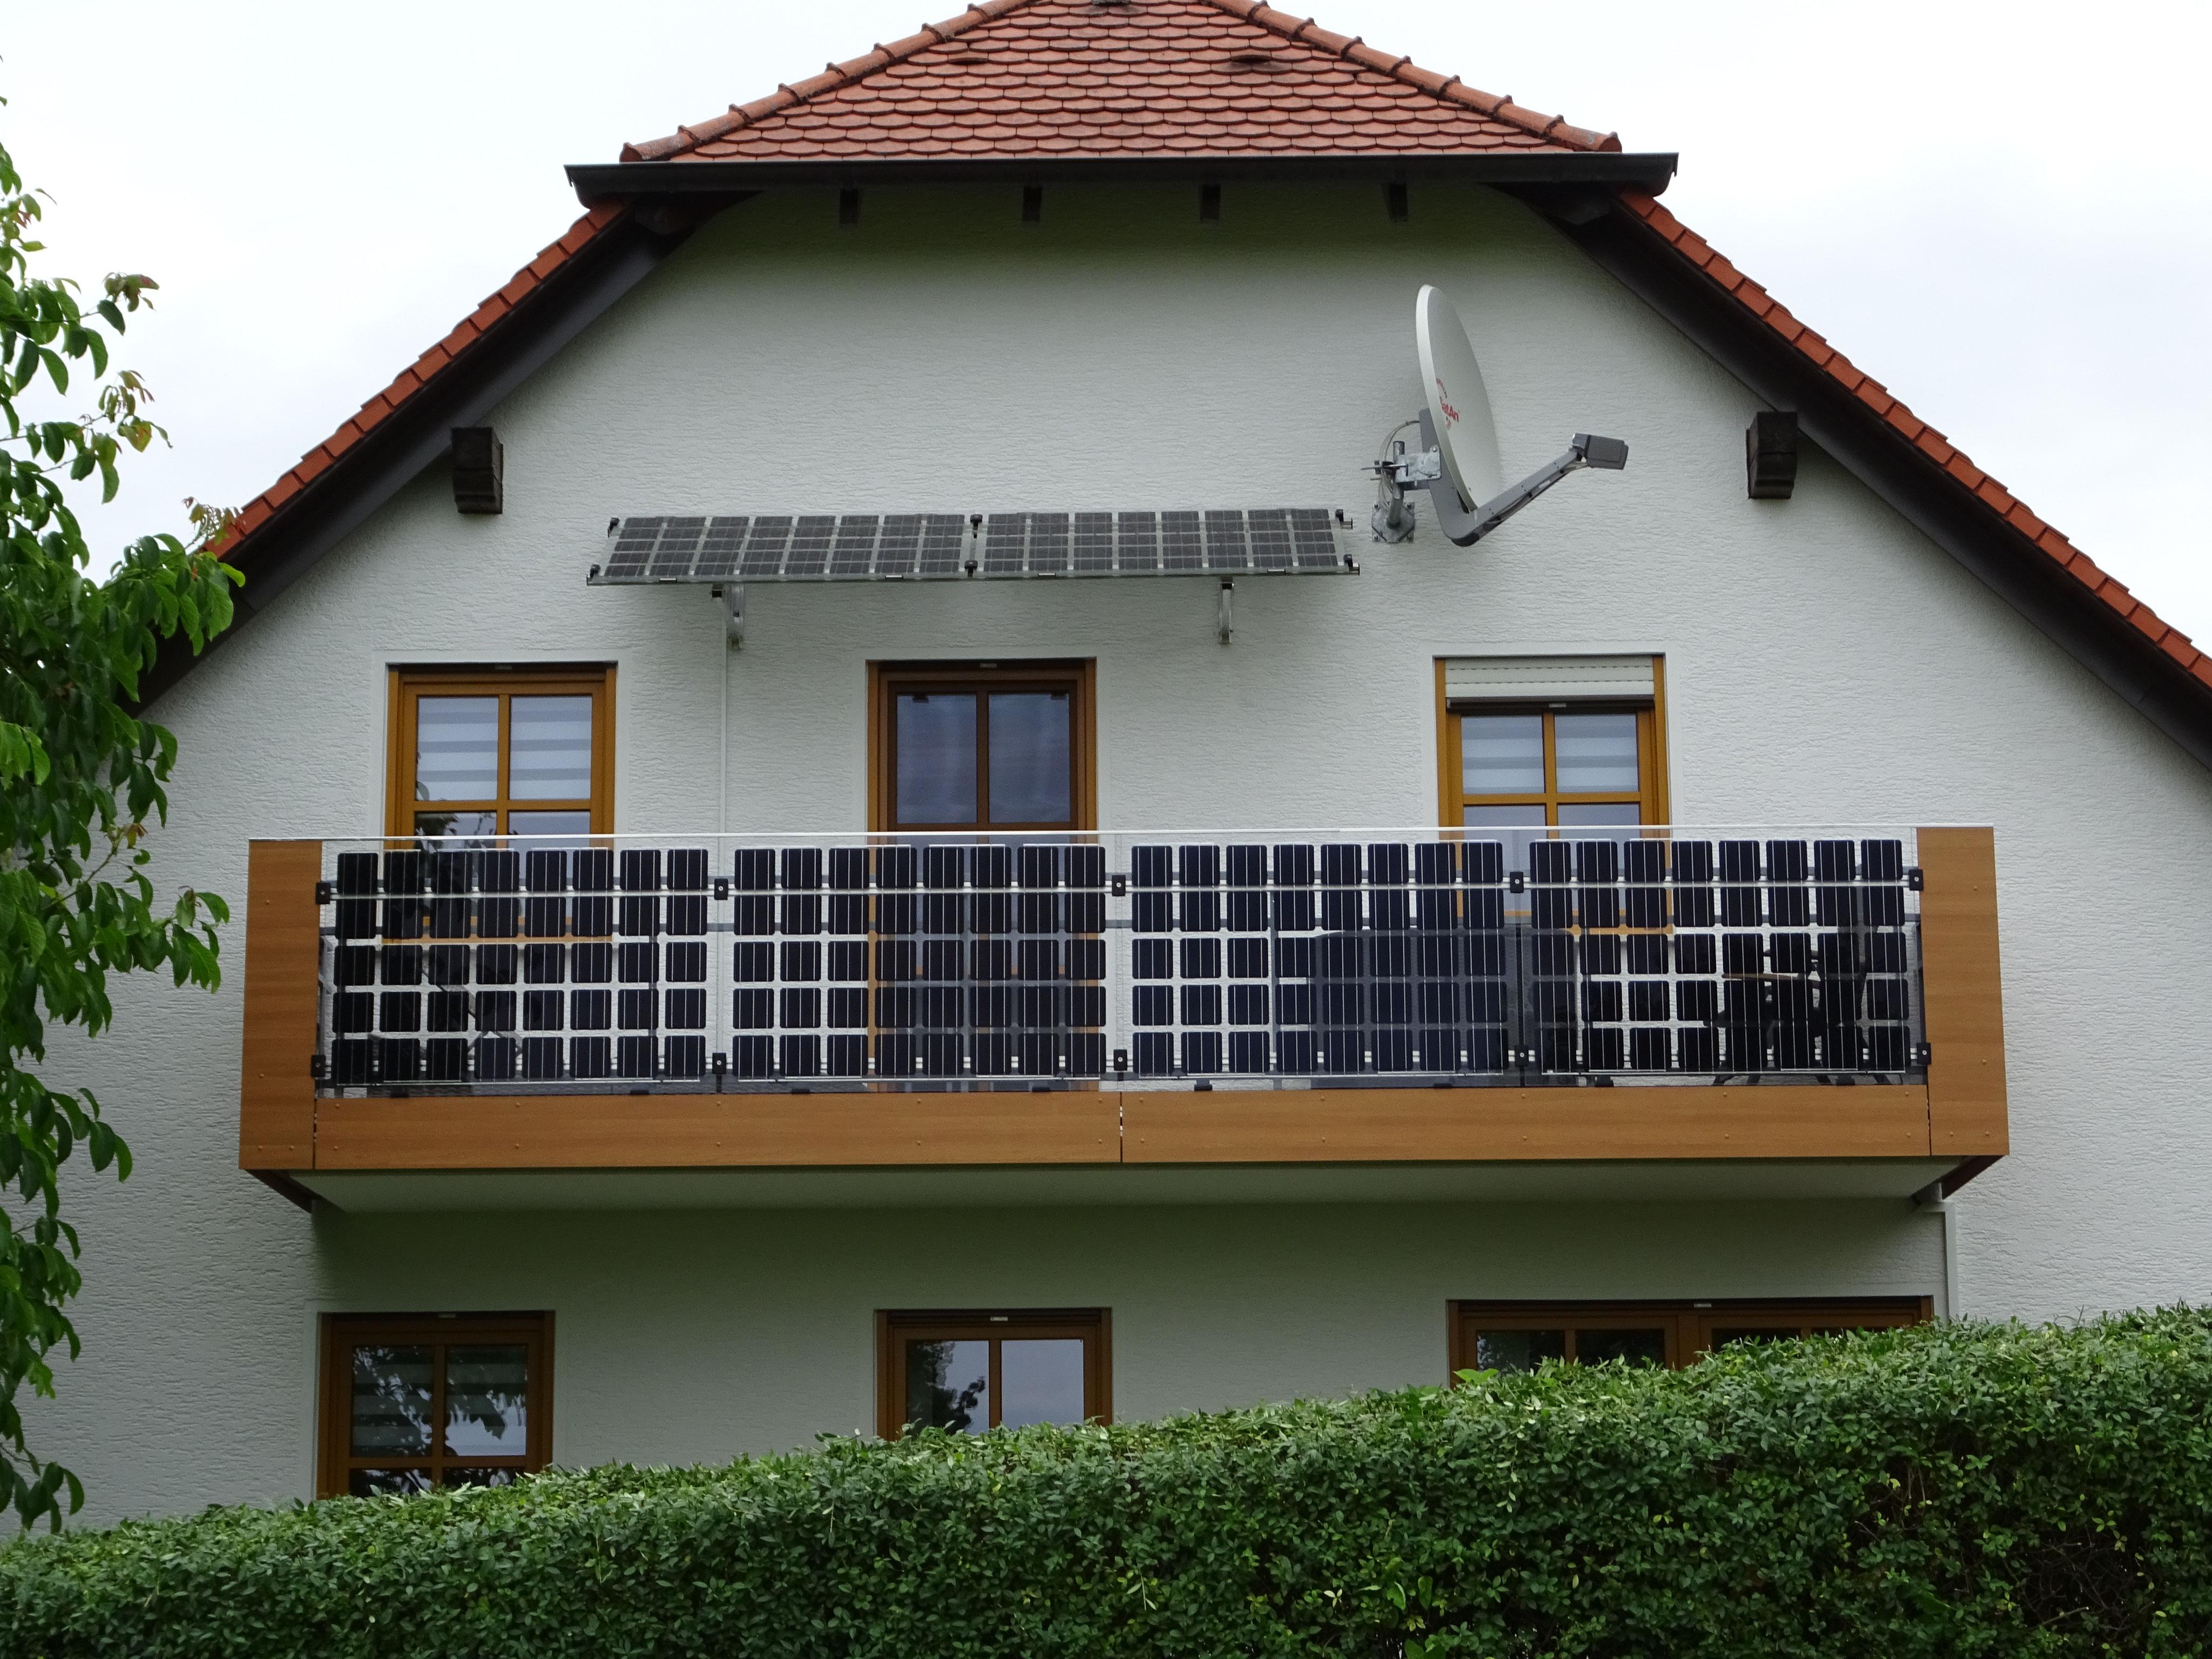 balkon gel nder terrasse oder attika nutzen geb ude nutzen und gleichzeitig solarstrom. Black Bedroom Furniture Sets. Home Design Ideas